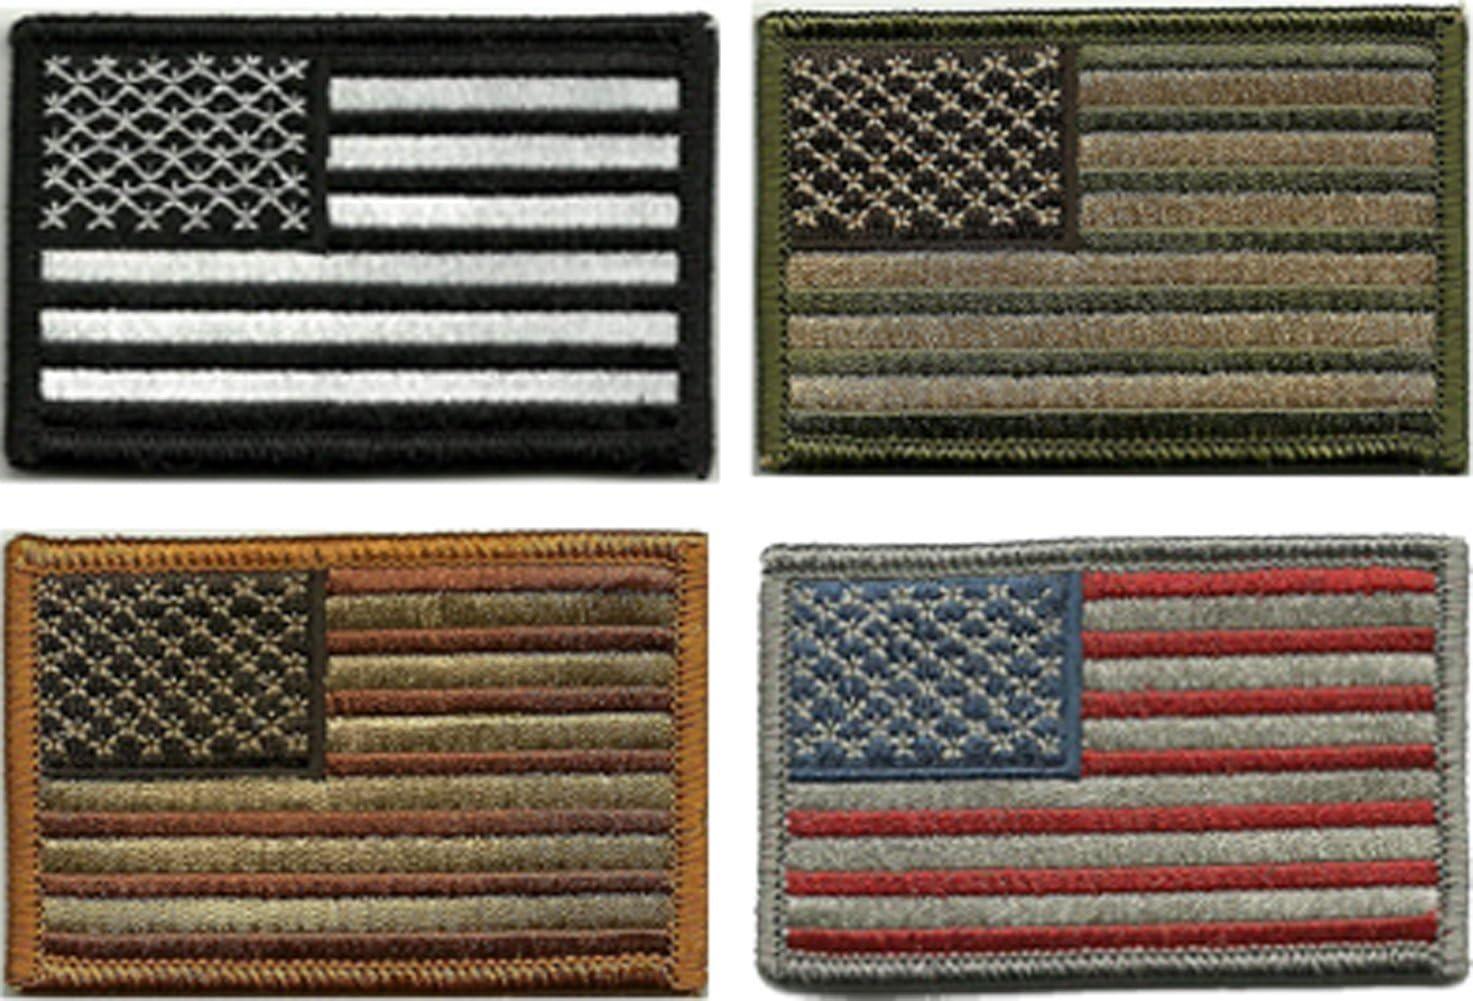 Nos Paquete 4 piezas – cuatro táctica bandera de Estados Unidos parches parche de Estados Unidos: Amarillo/Blanco/Negro/Gris: Amazon.es: Juguetes y juegos